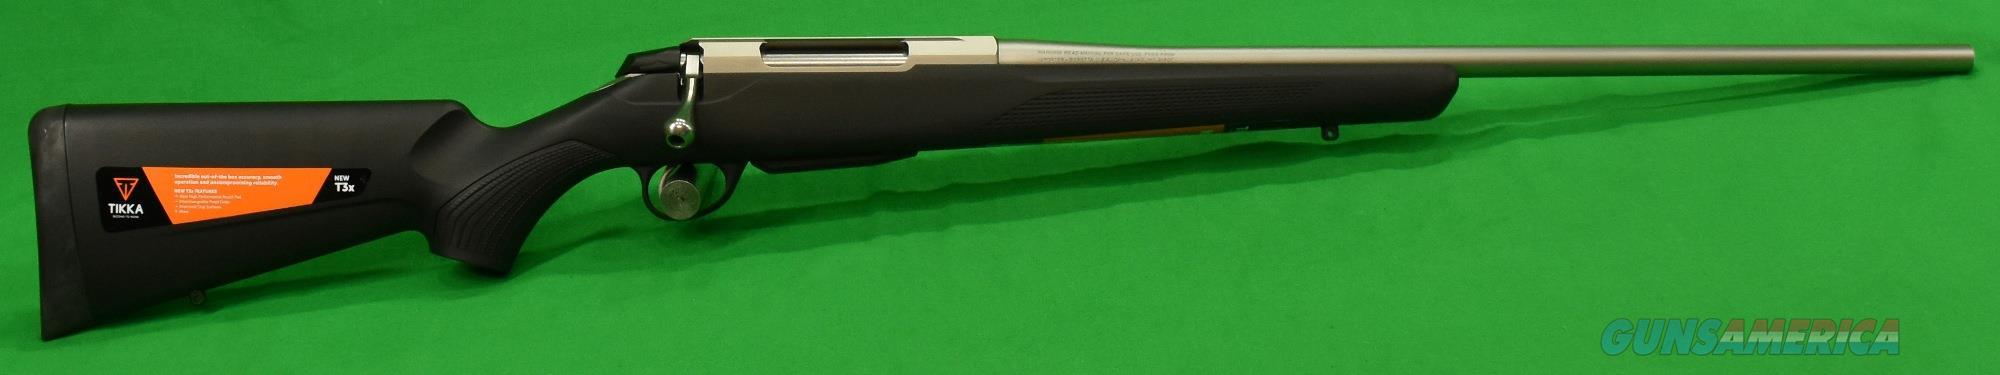 T3x Lite SS 7mm-08 22.4In JRTXB352  Guns > Rifles > Tikka Rifles > T3